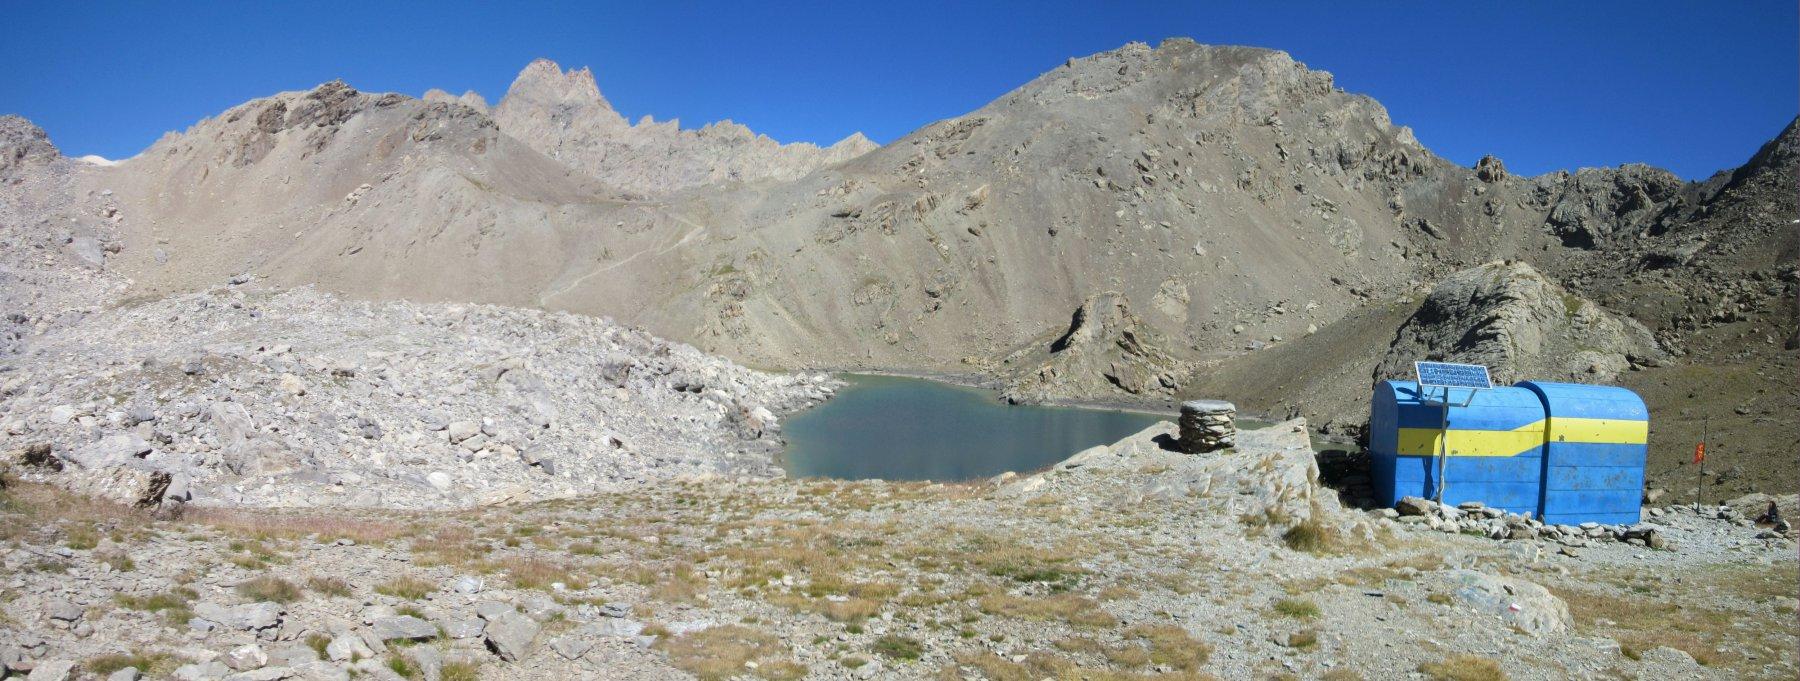 Lago del Vallonasso di Stroppia, Bivacco Barenghi, Colle della Gippiera e Aiguille du Chambeyron